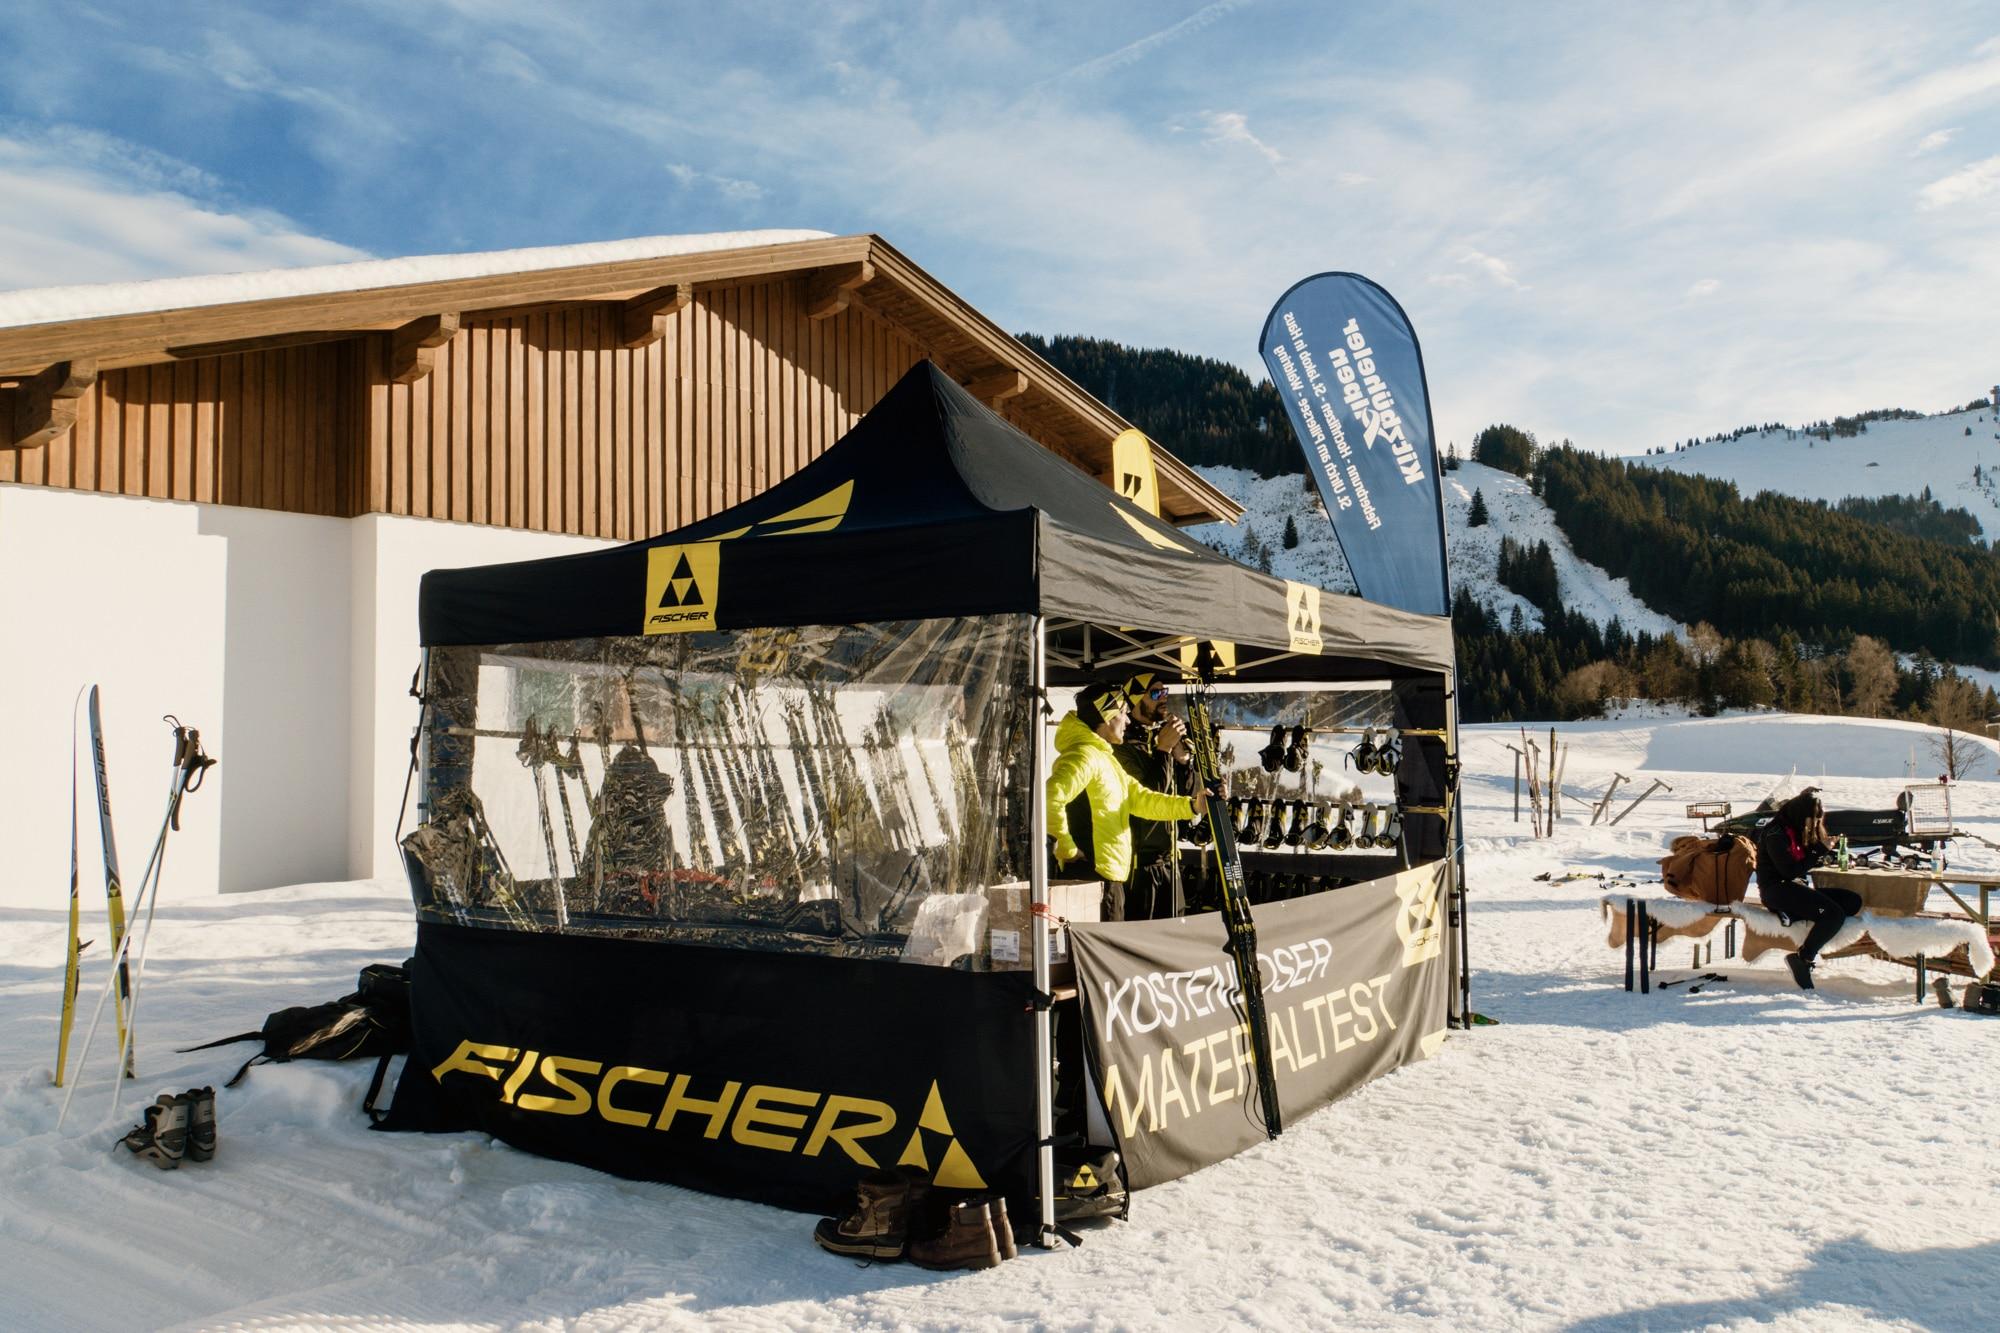 Nordic Spirit Event im Pillerseetal: Langlauf, Biathlontraining und mehr. - Fischer Equipment Verleih